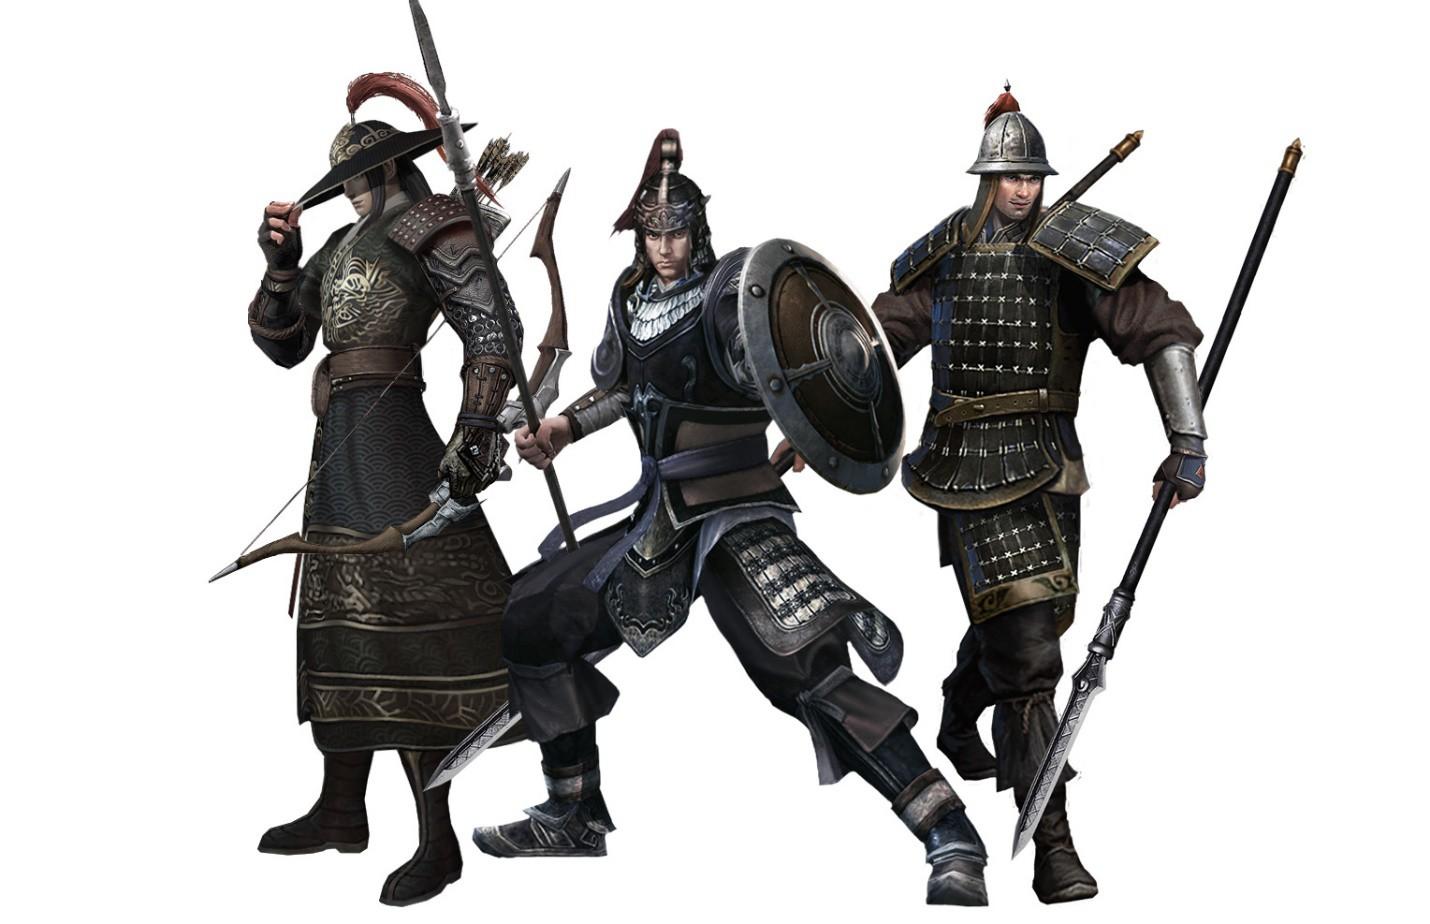 Đọc ngay cẩm nang binh chủng nếu muốn trở thành Hoàng Đế trong Long Đồ Bá Nghiệp ra mắt tháng 1 - Ảnh 3.